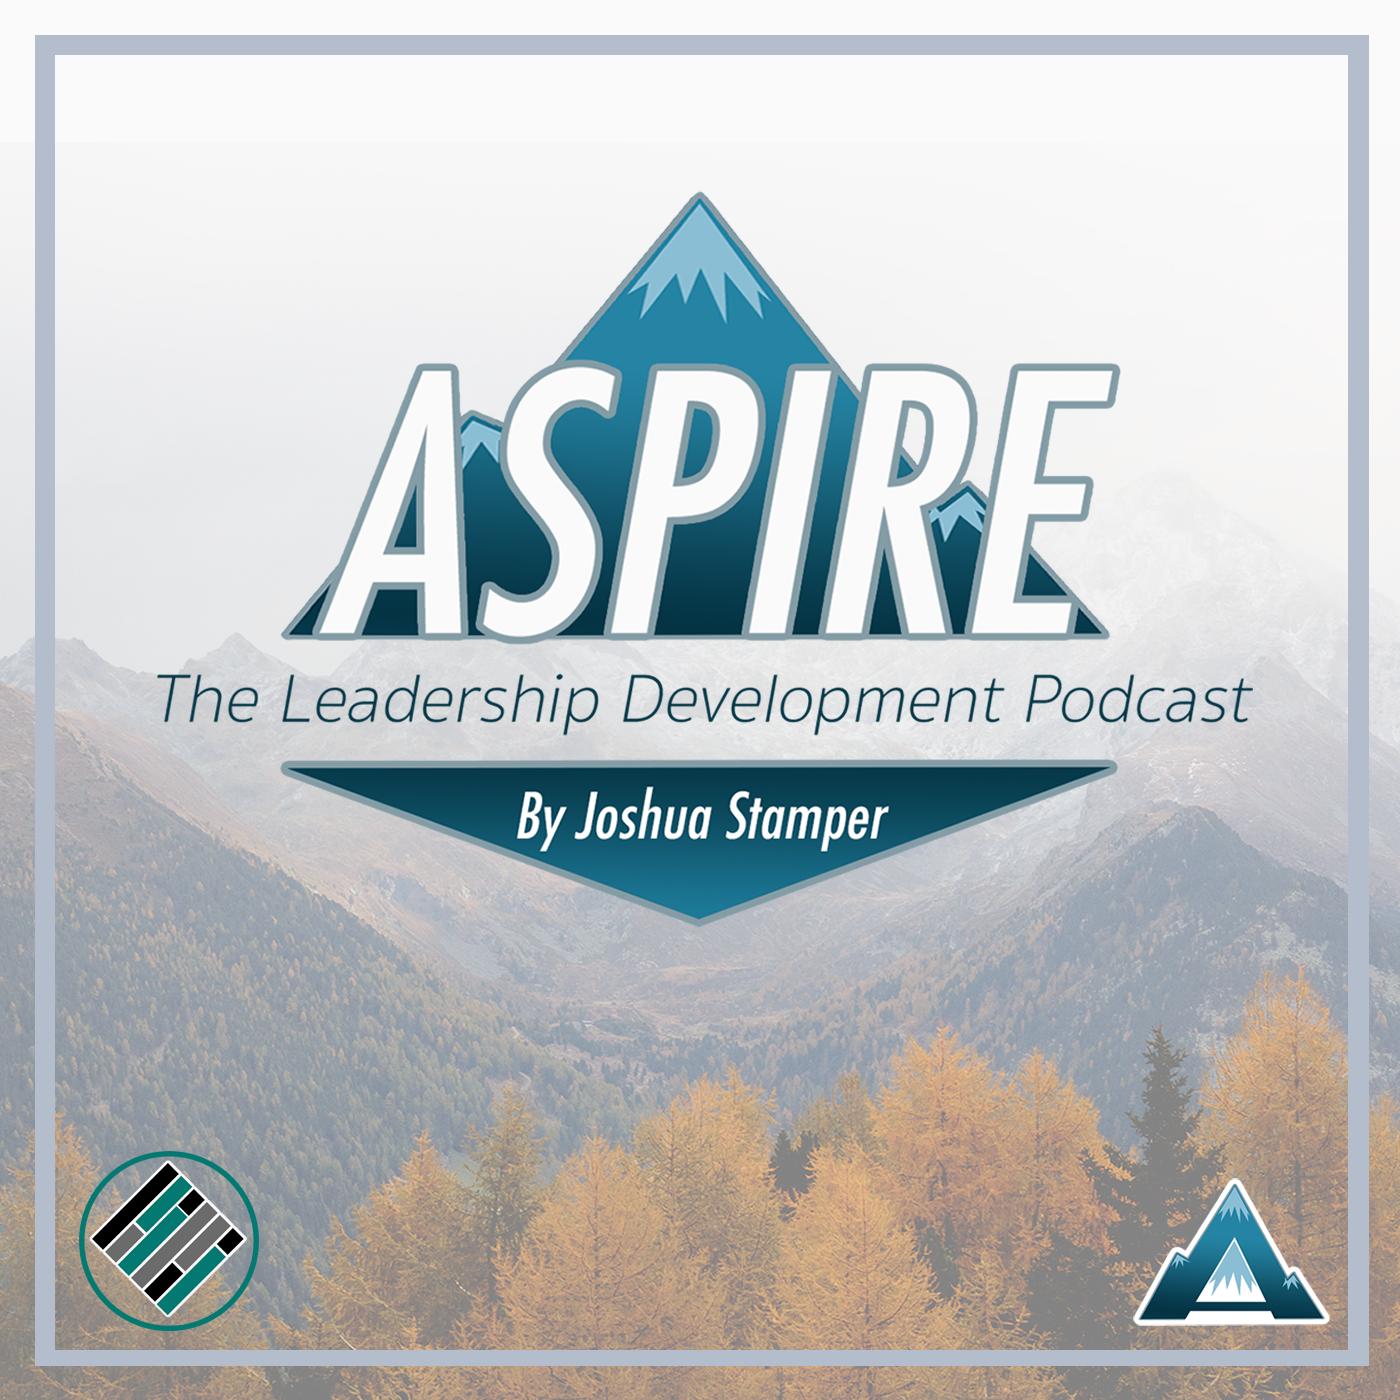 Artwork for podcast Aspire: The Leadership Development Podcast